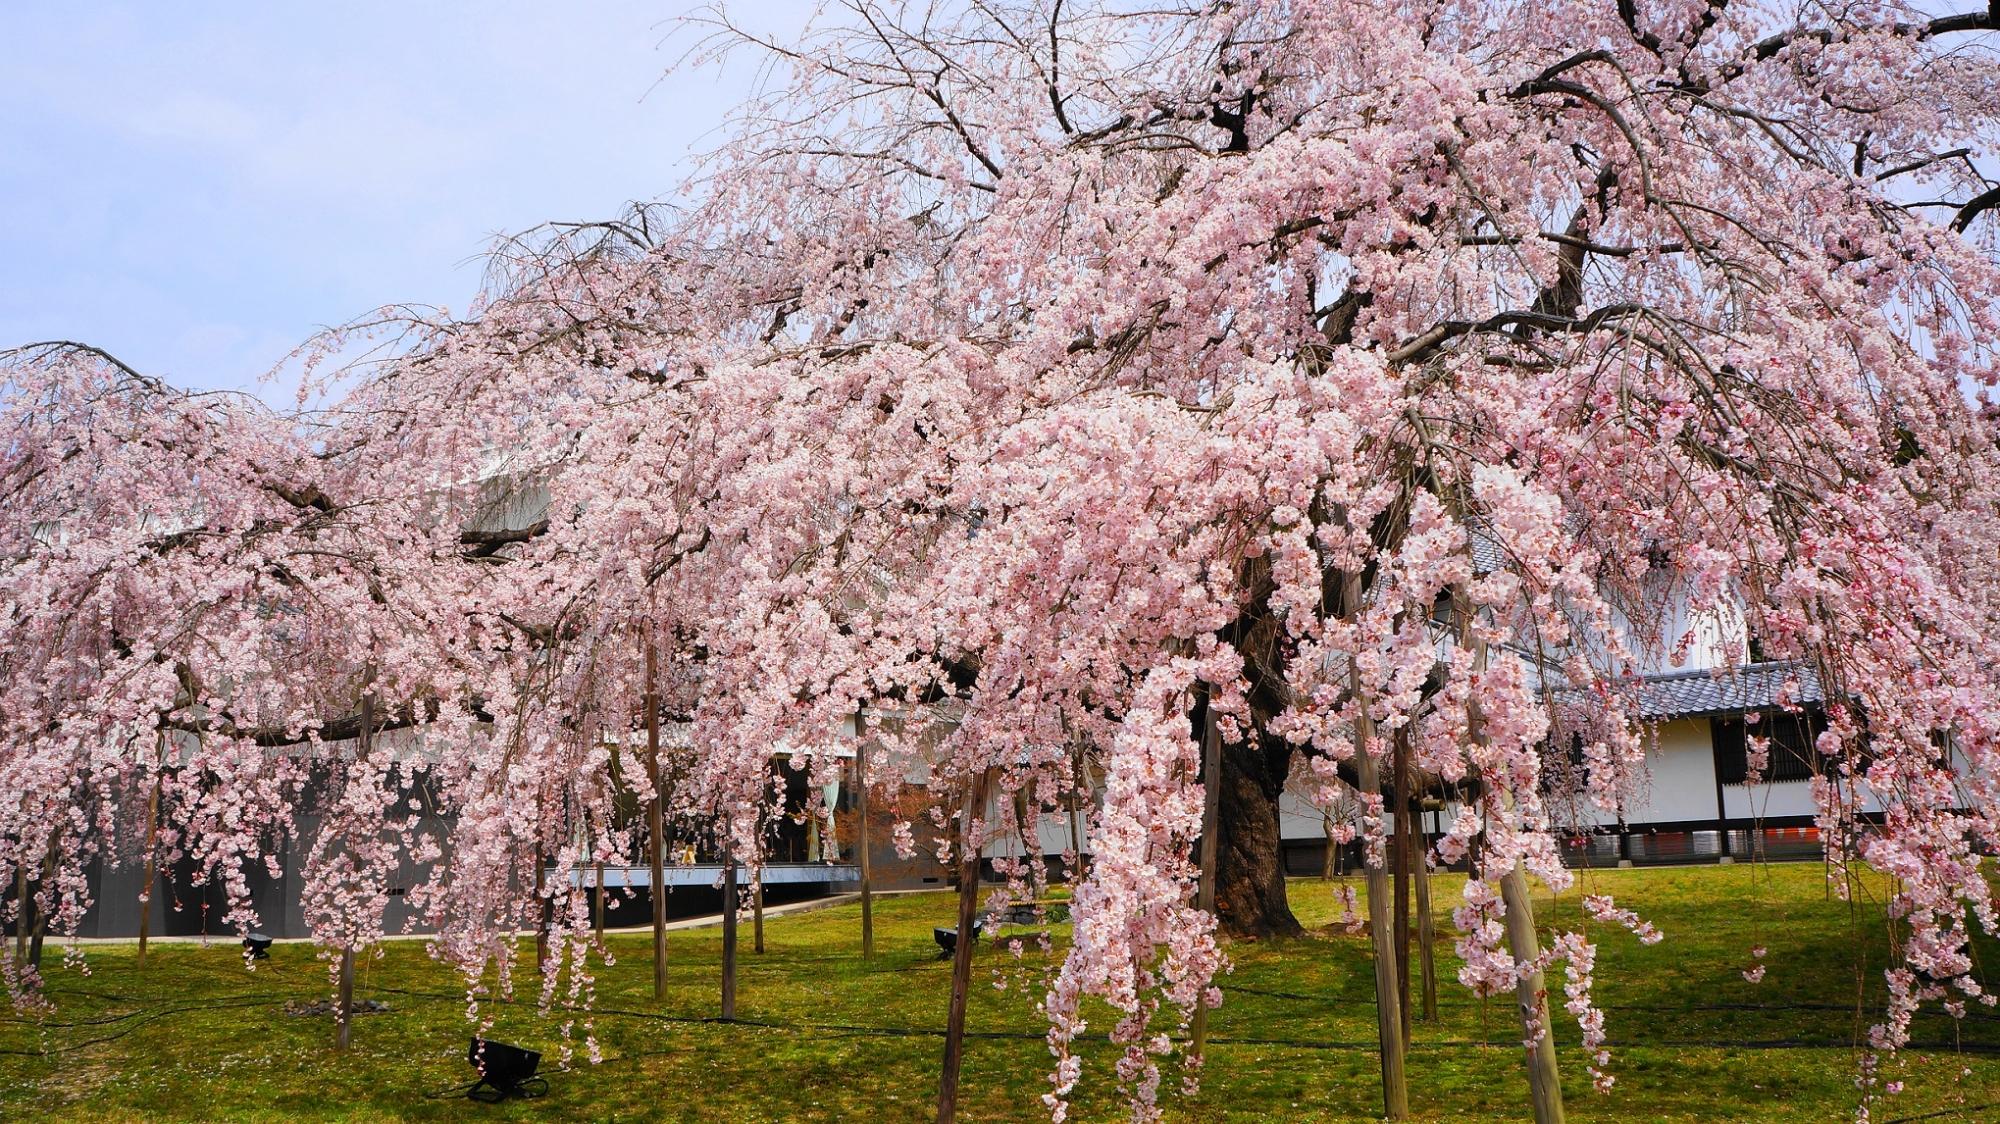 桜の名所の醍醐寺の霊宝館の満開の華やかな醍醐深雪桜(みゆき桜)